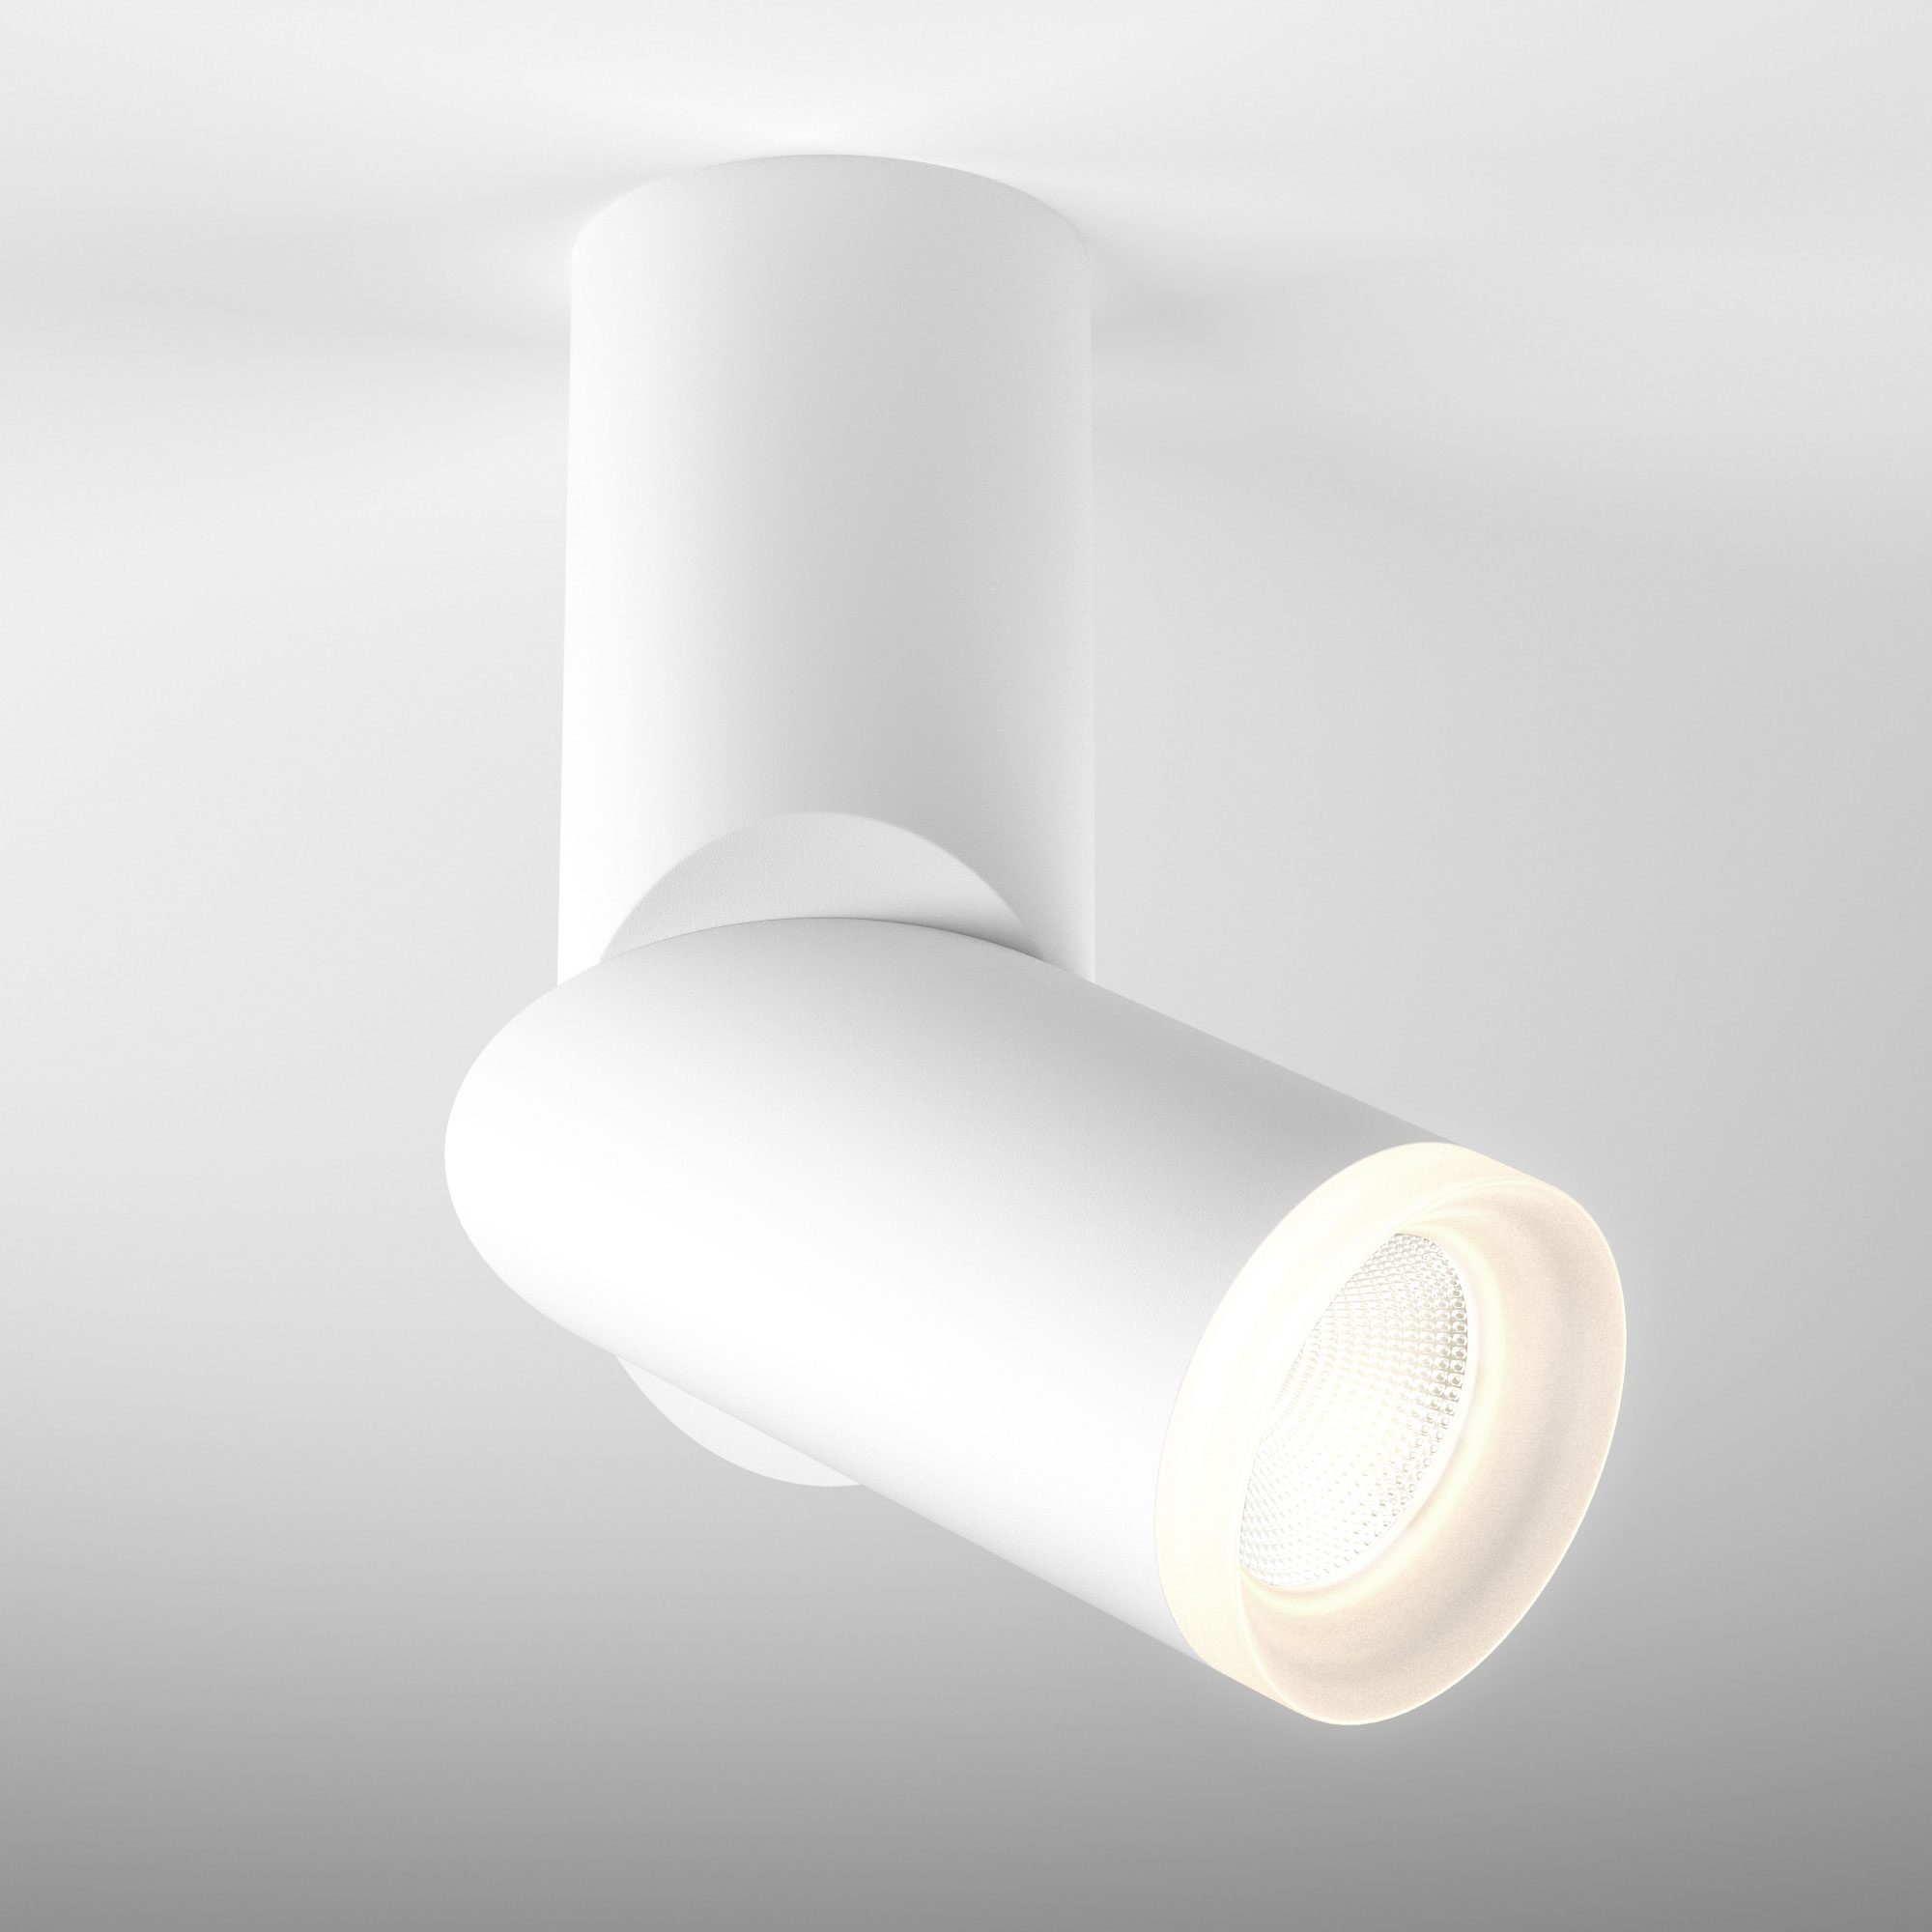 Накладной светодиодный светильник DLR036 12W 4200K белый матовый